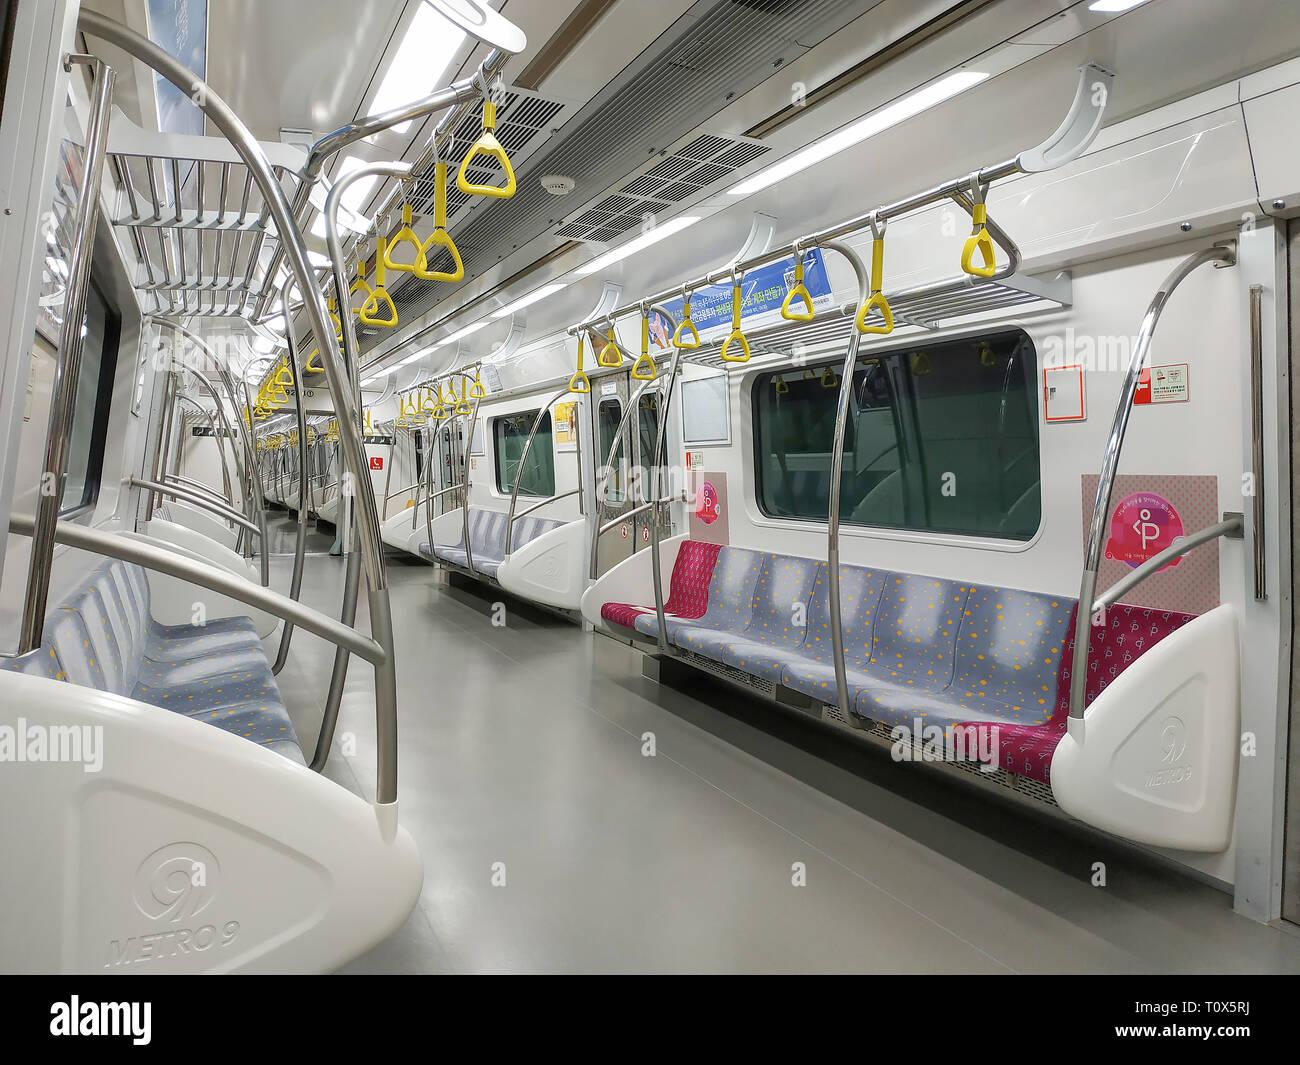 Seoul, Corea del Sud - 22 Marzo 2019: all'interno del treno alla metropolitana Seoul Metro Linea 9 Foto Stock